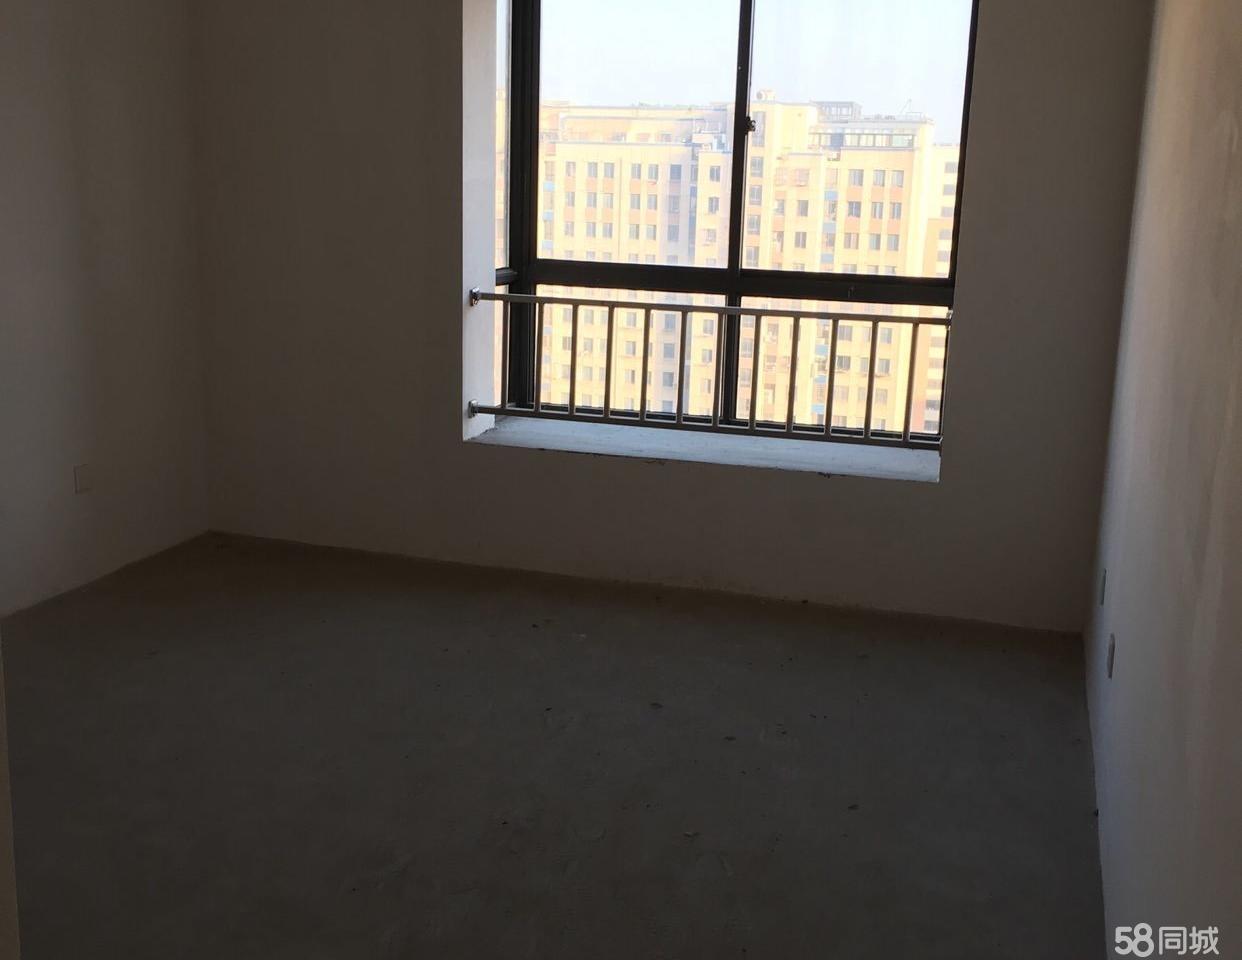 昌和水岸花城毛坯房3室2厅2卫138平米135万元